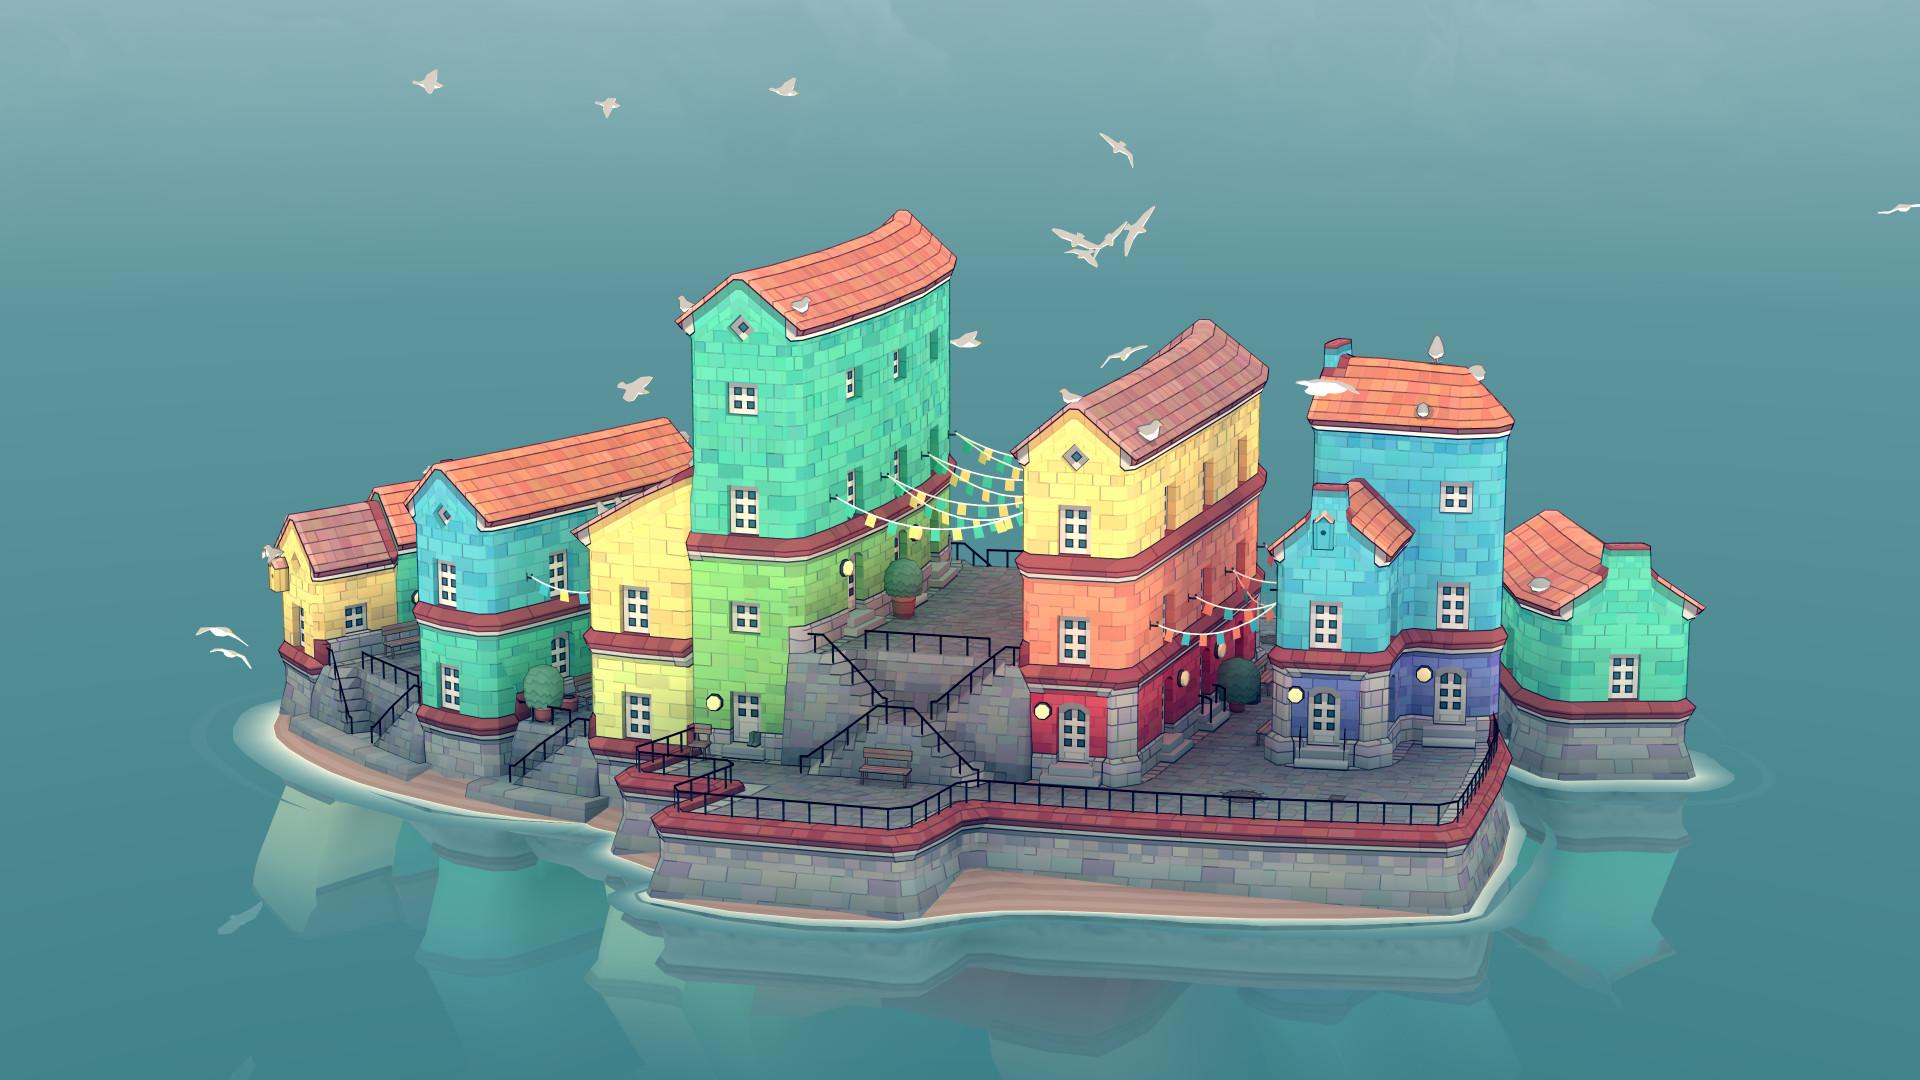 Townscaper - Cómo Hacer Ciudades Flotantes